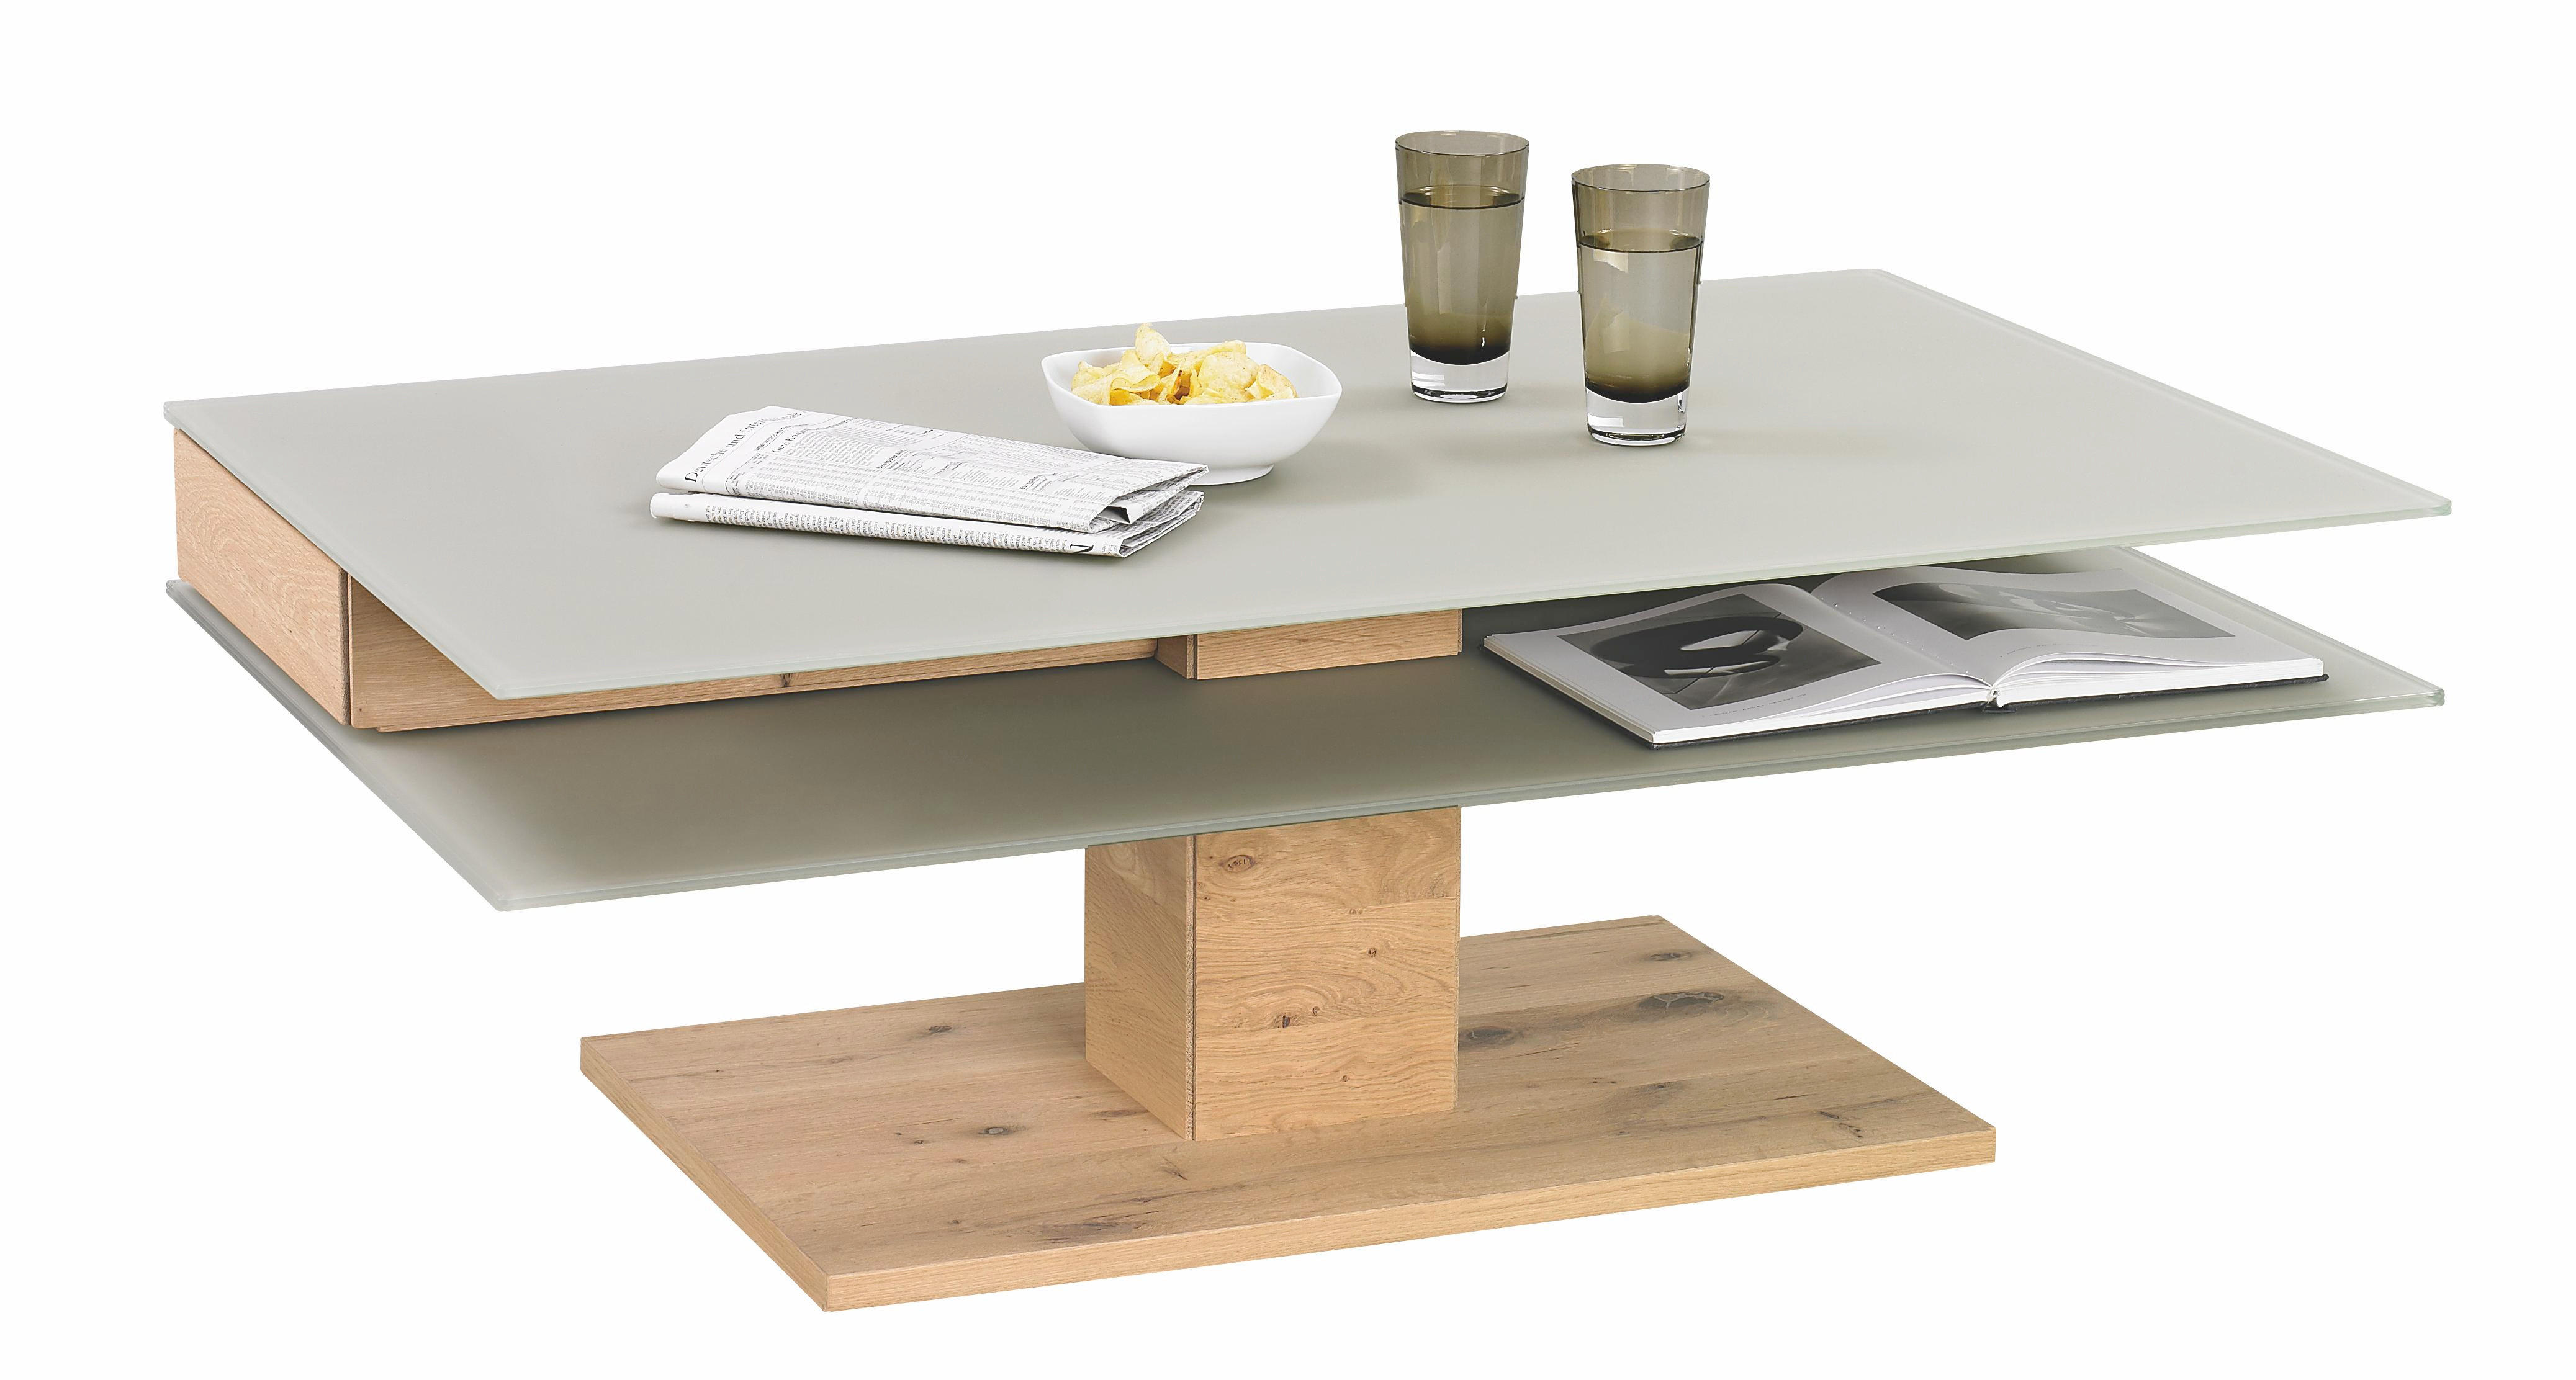 Amazing Couchtisch Wildeiche Rechteckig Eichefarben With Holz Latest Marmor Kaffee Tisch Designs